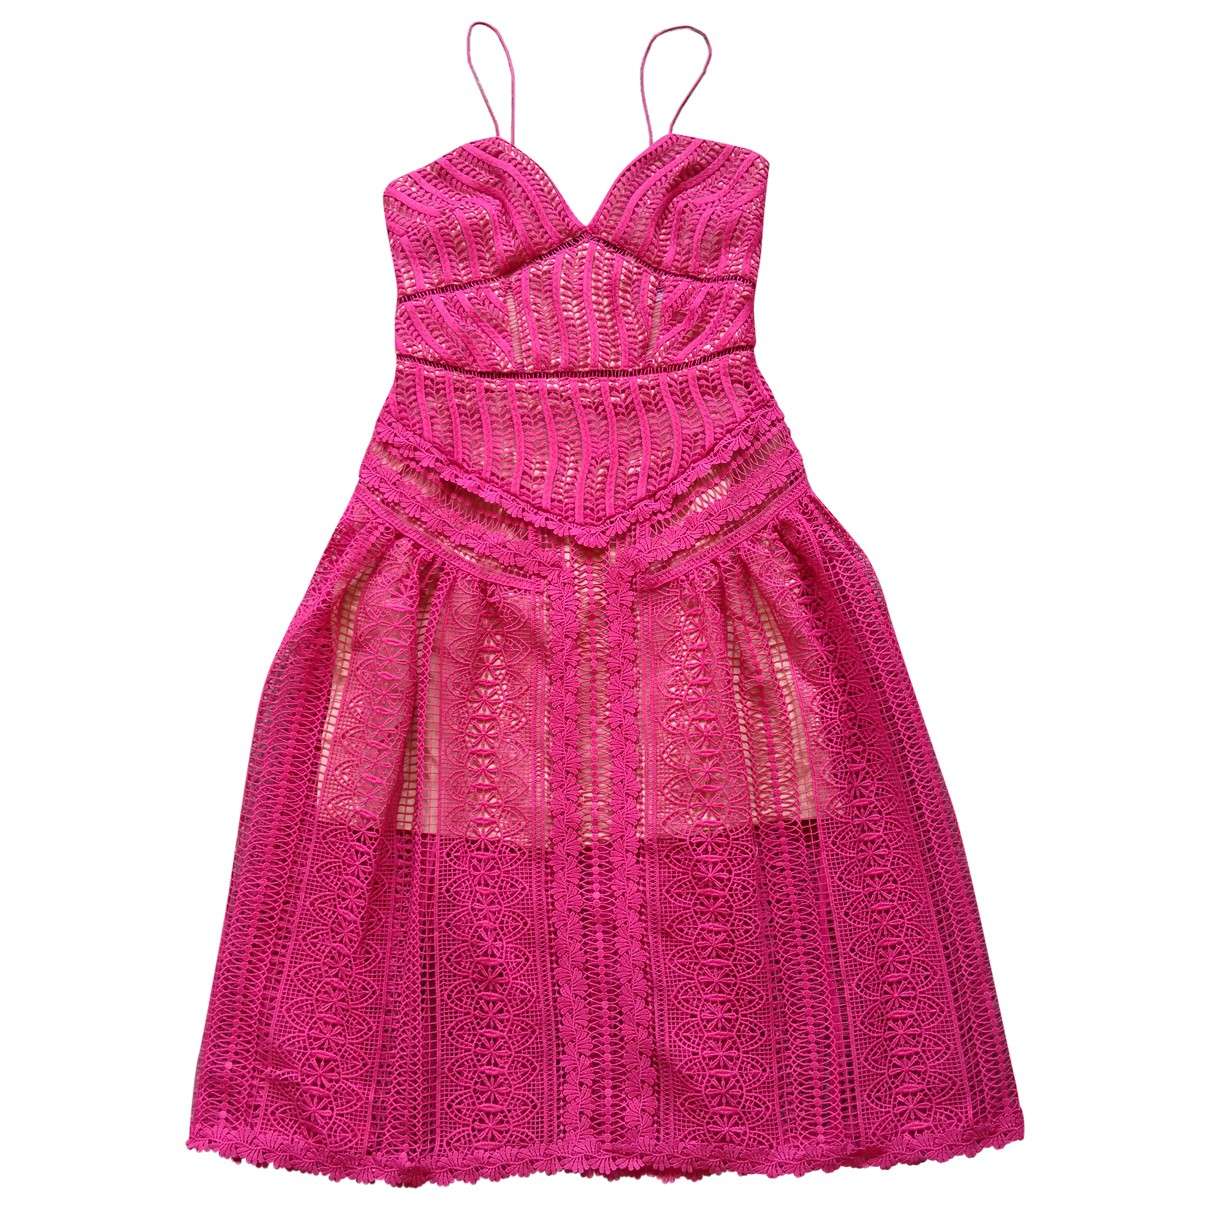 Self Portrait \N Pink dress for Women 10 UK